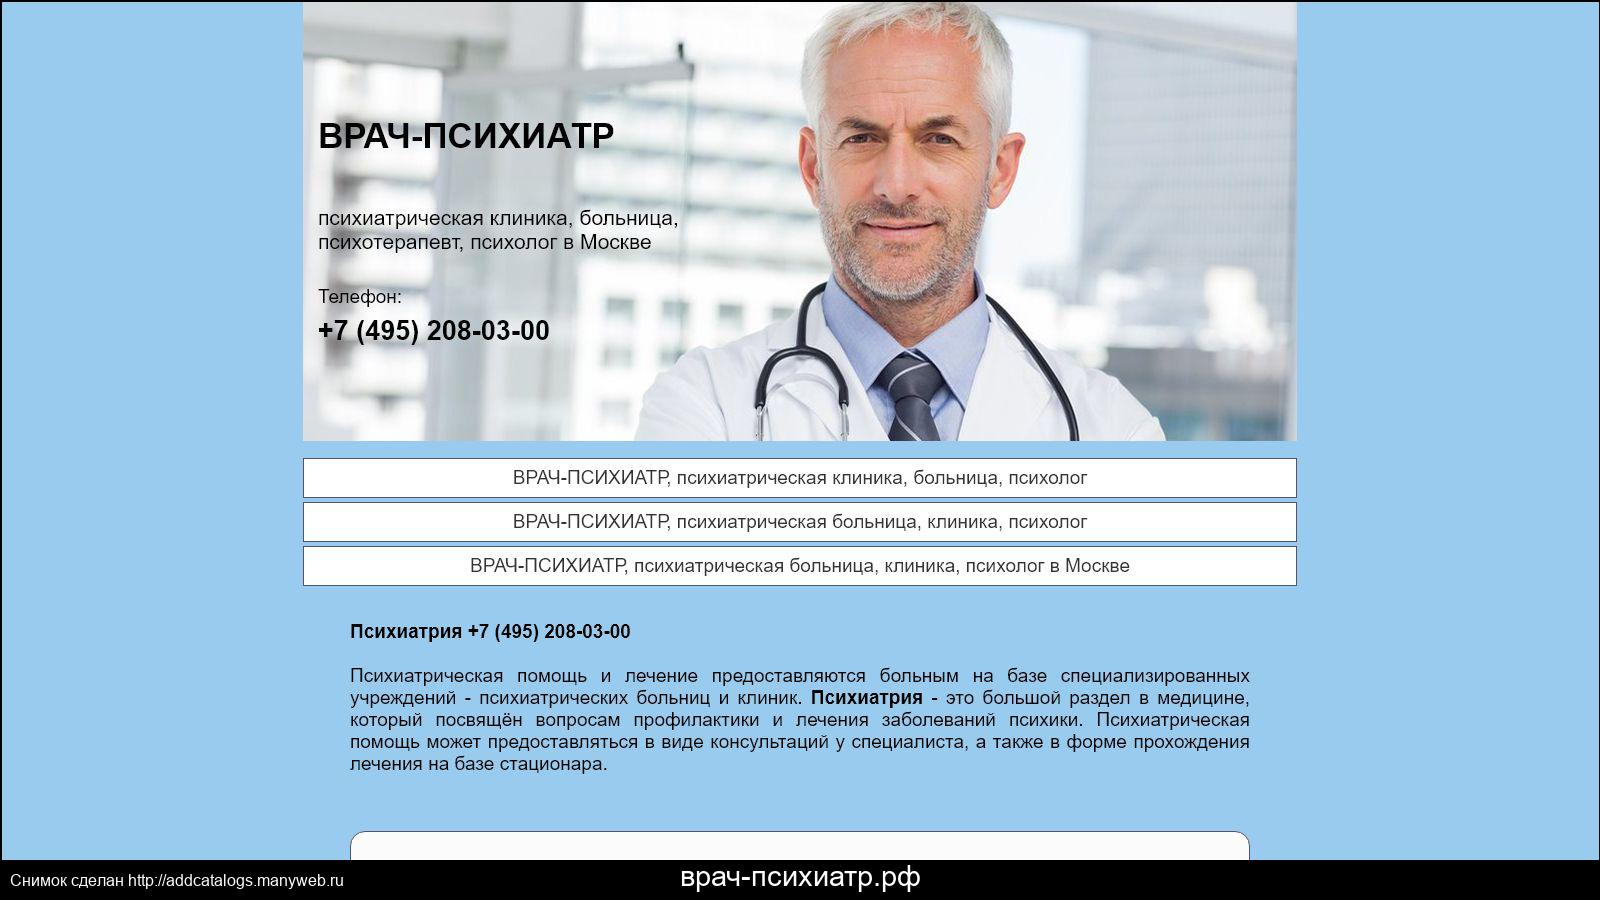 Частный психиатр в москве — брейн клиник частный психиатр. клиника восстановительной терапии.